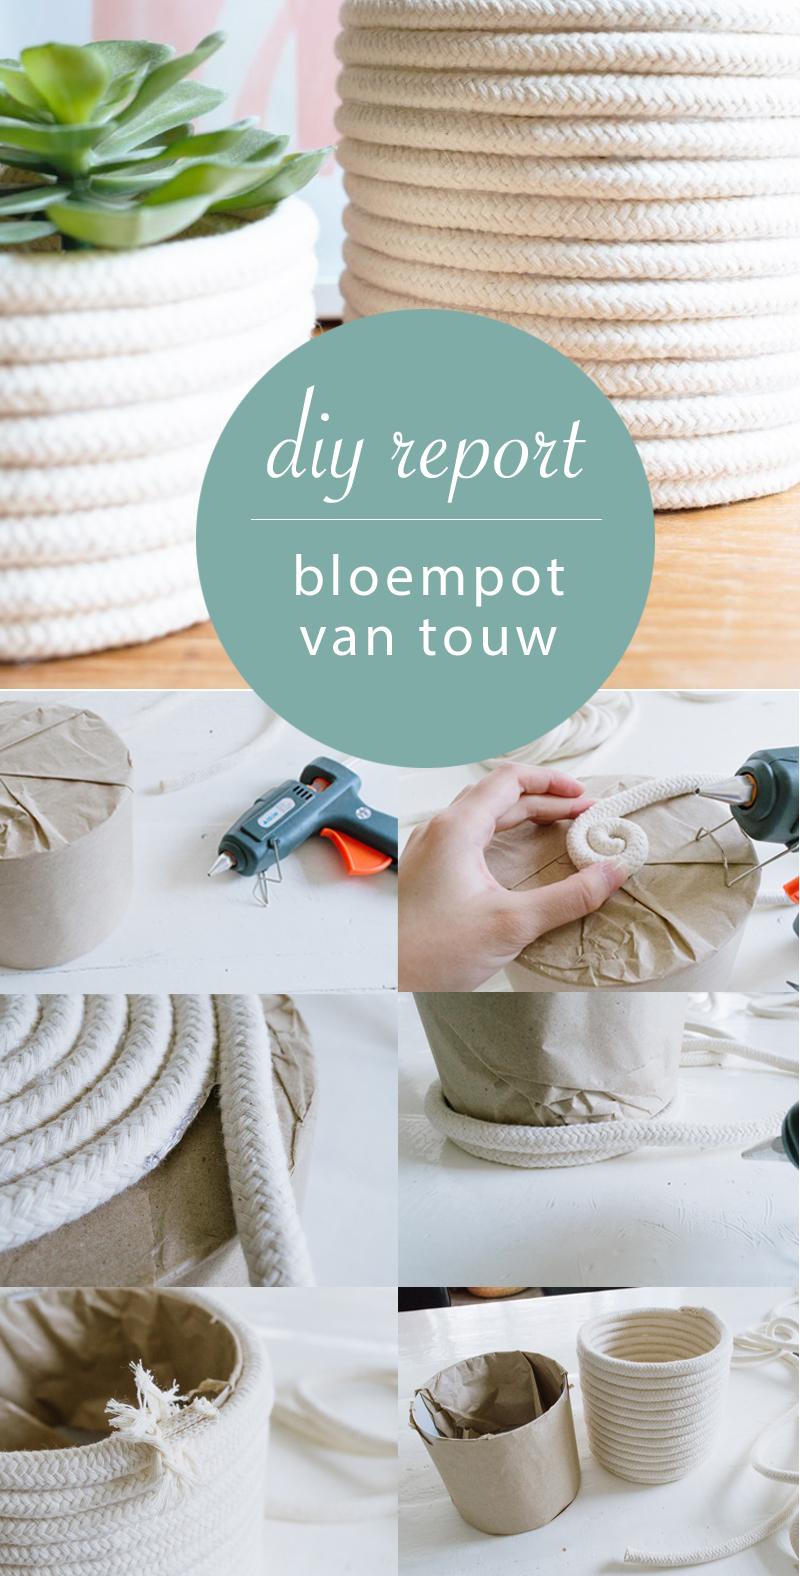 diy report bloempot van touw